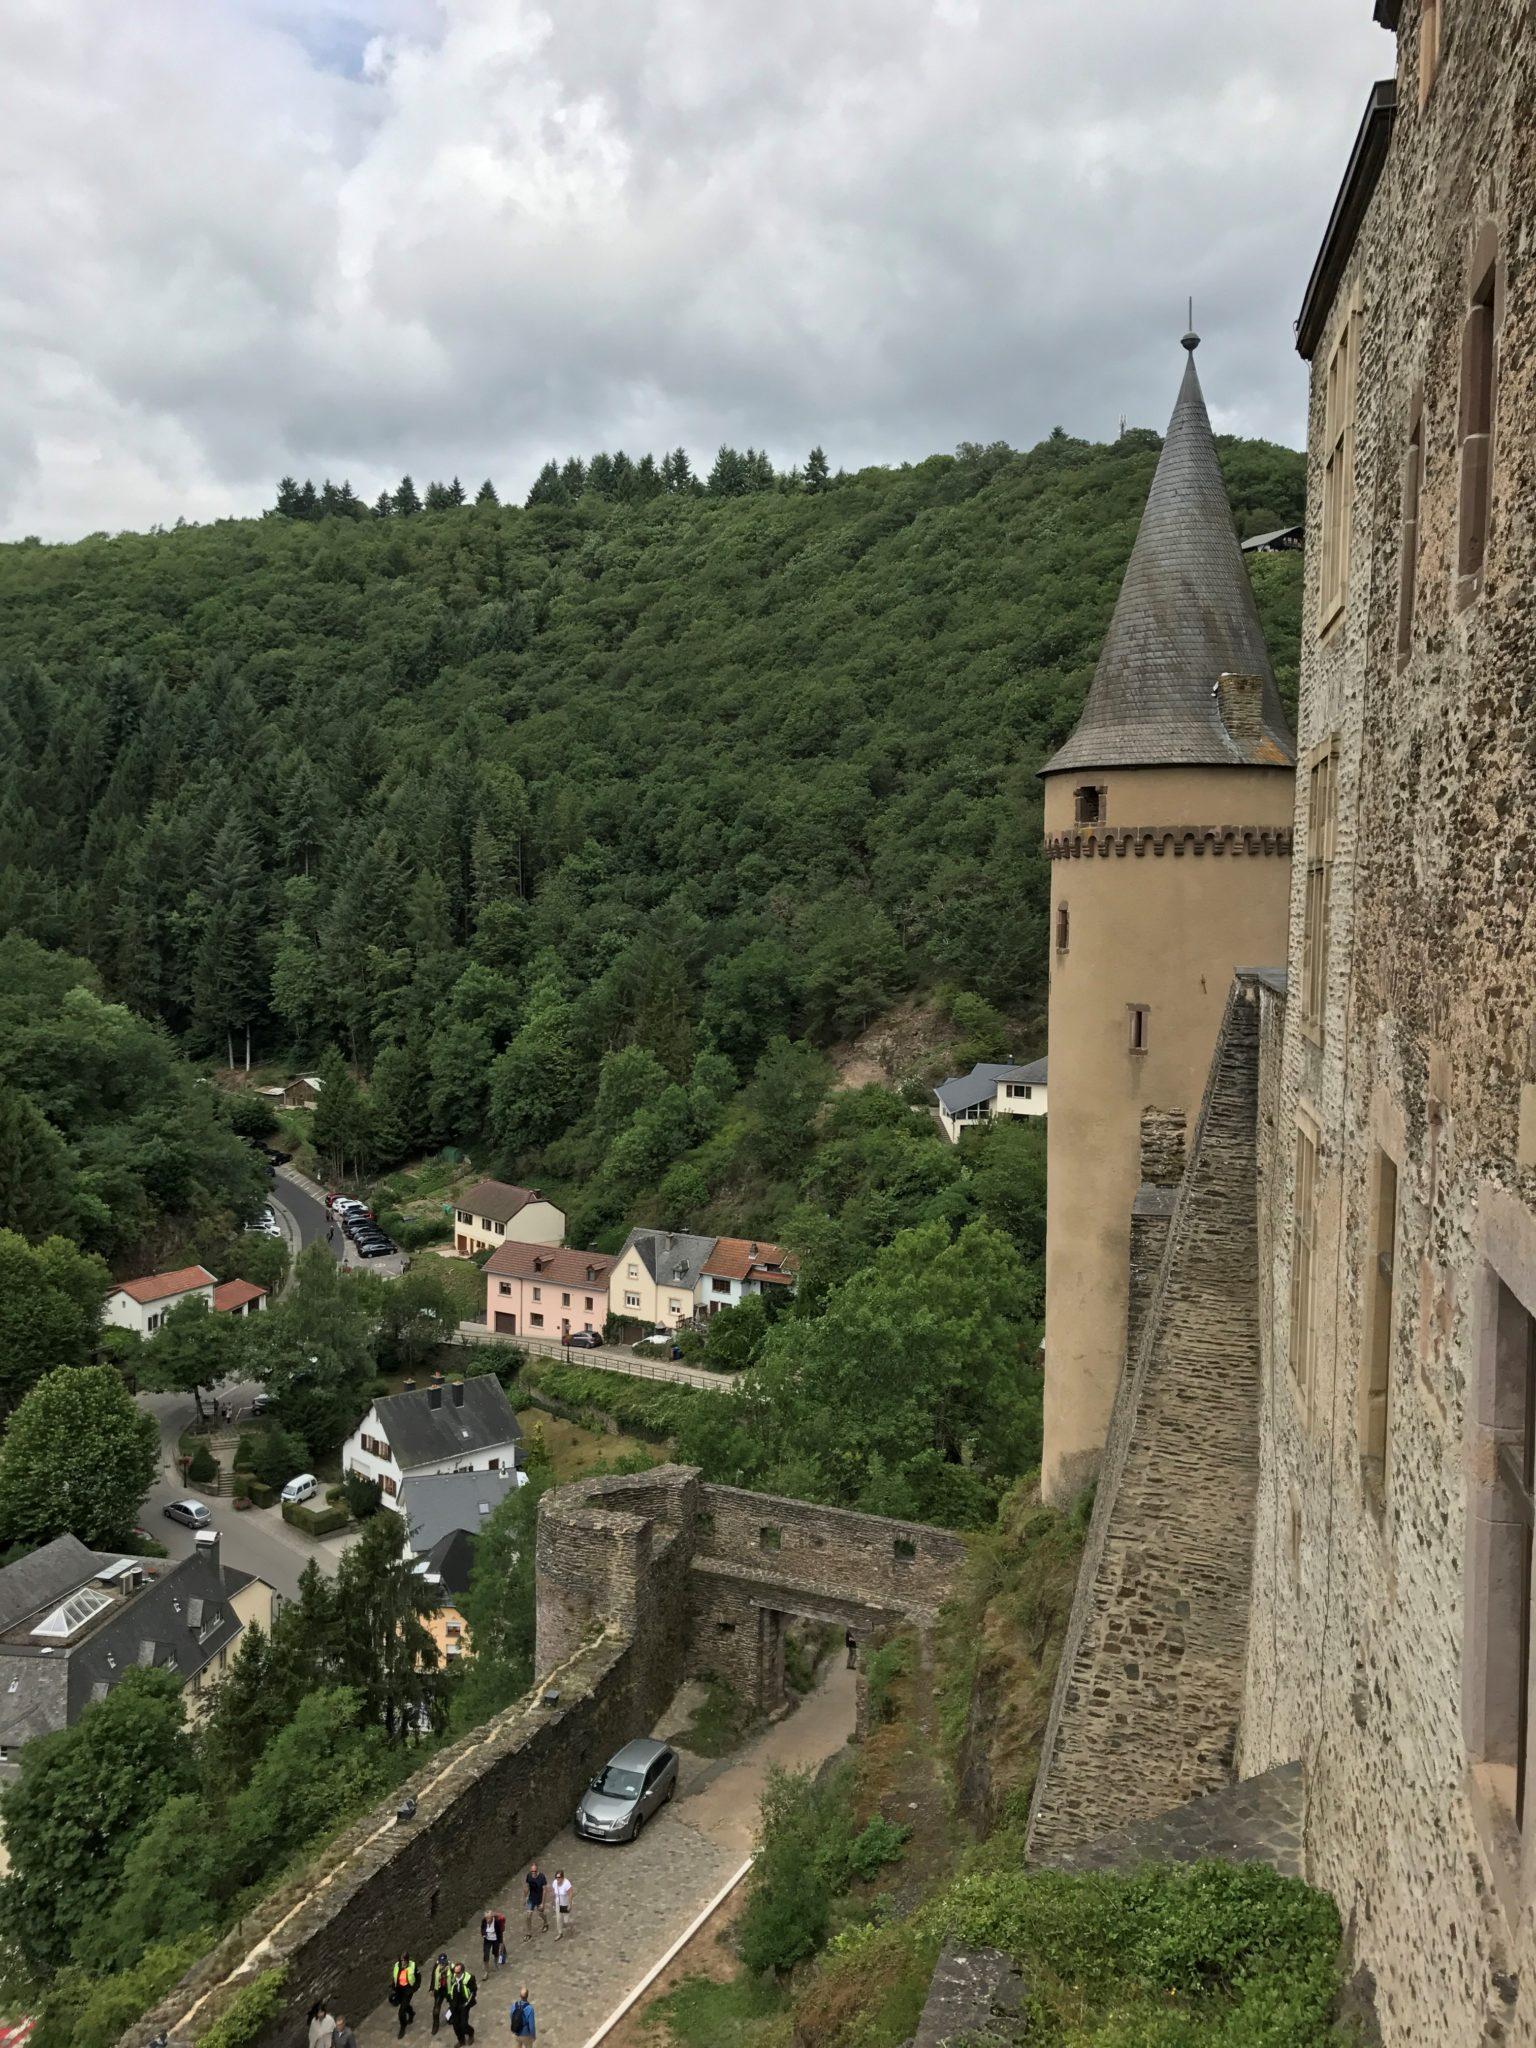 chateau-vianden-luxembourg-ville